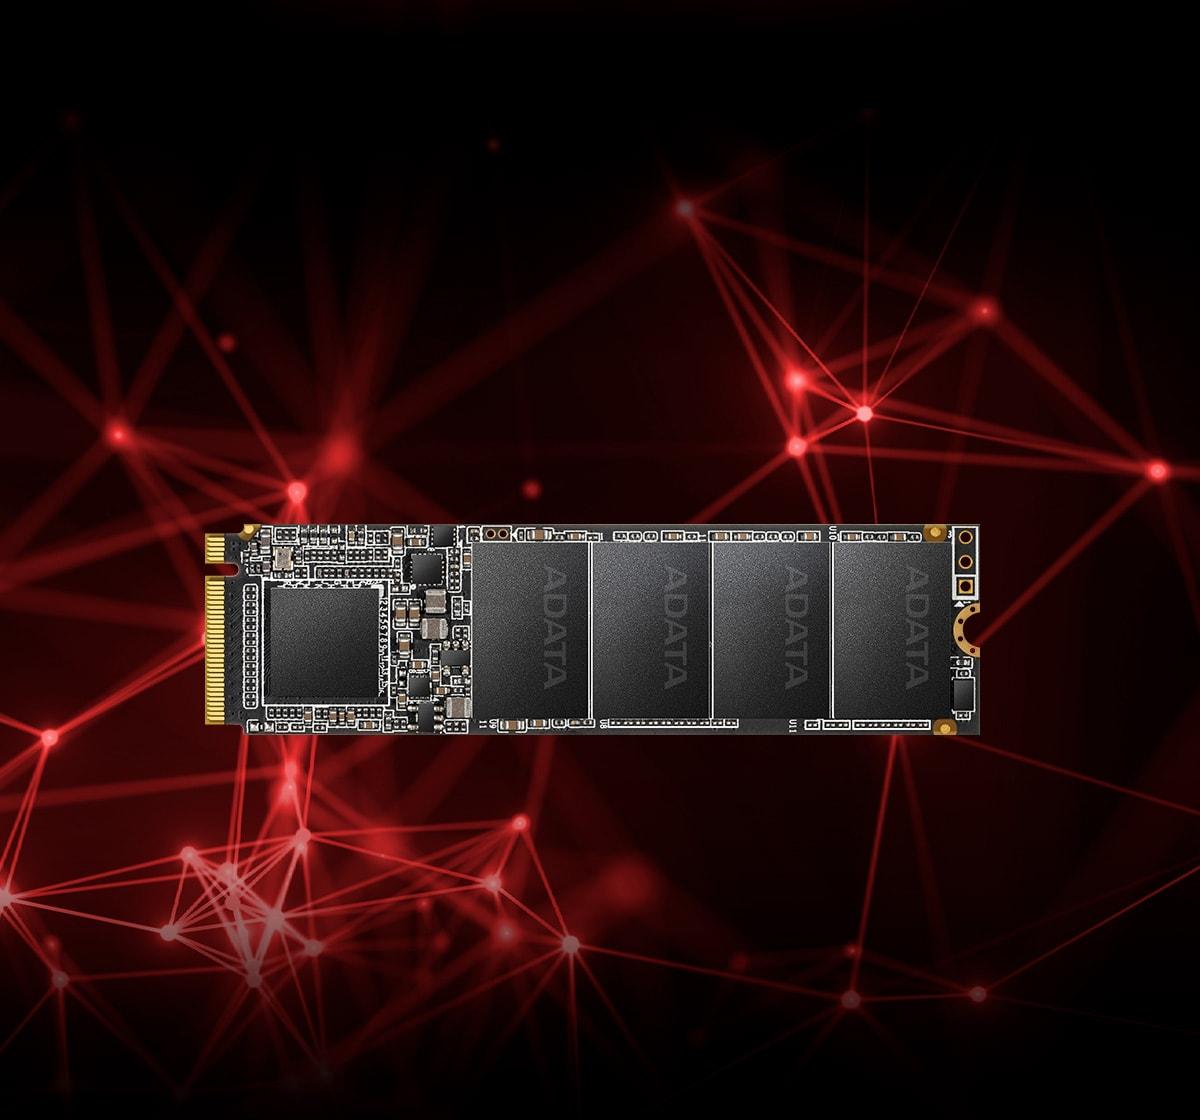 خرید اس اس دی اینترنال ایکس پی جی مدل SX6000 Pro PCIe Gen3x4 M.2 2280 با ظرفیت 1 ترابایت